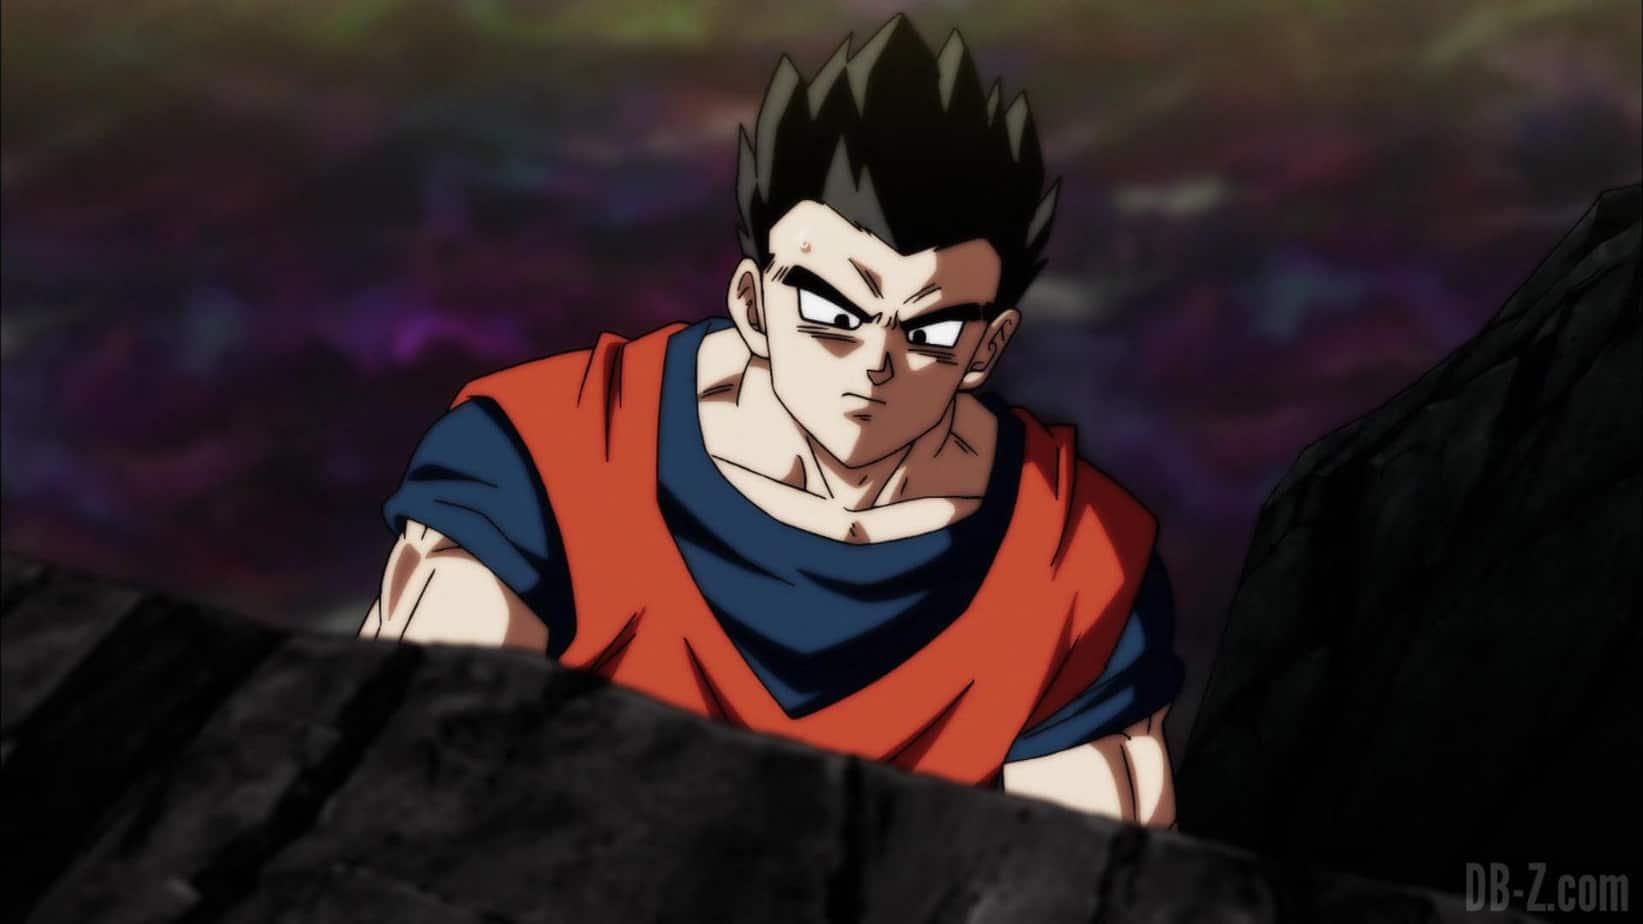 Date de diffusion de Dragon Ball Super épisode 106, Spoilers : Mystérieux tireur devient un problème pour Gohan et Piccolo 2